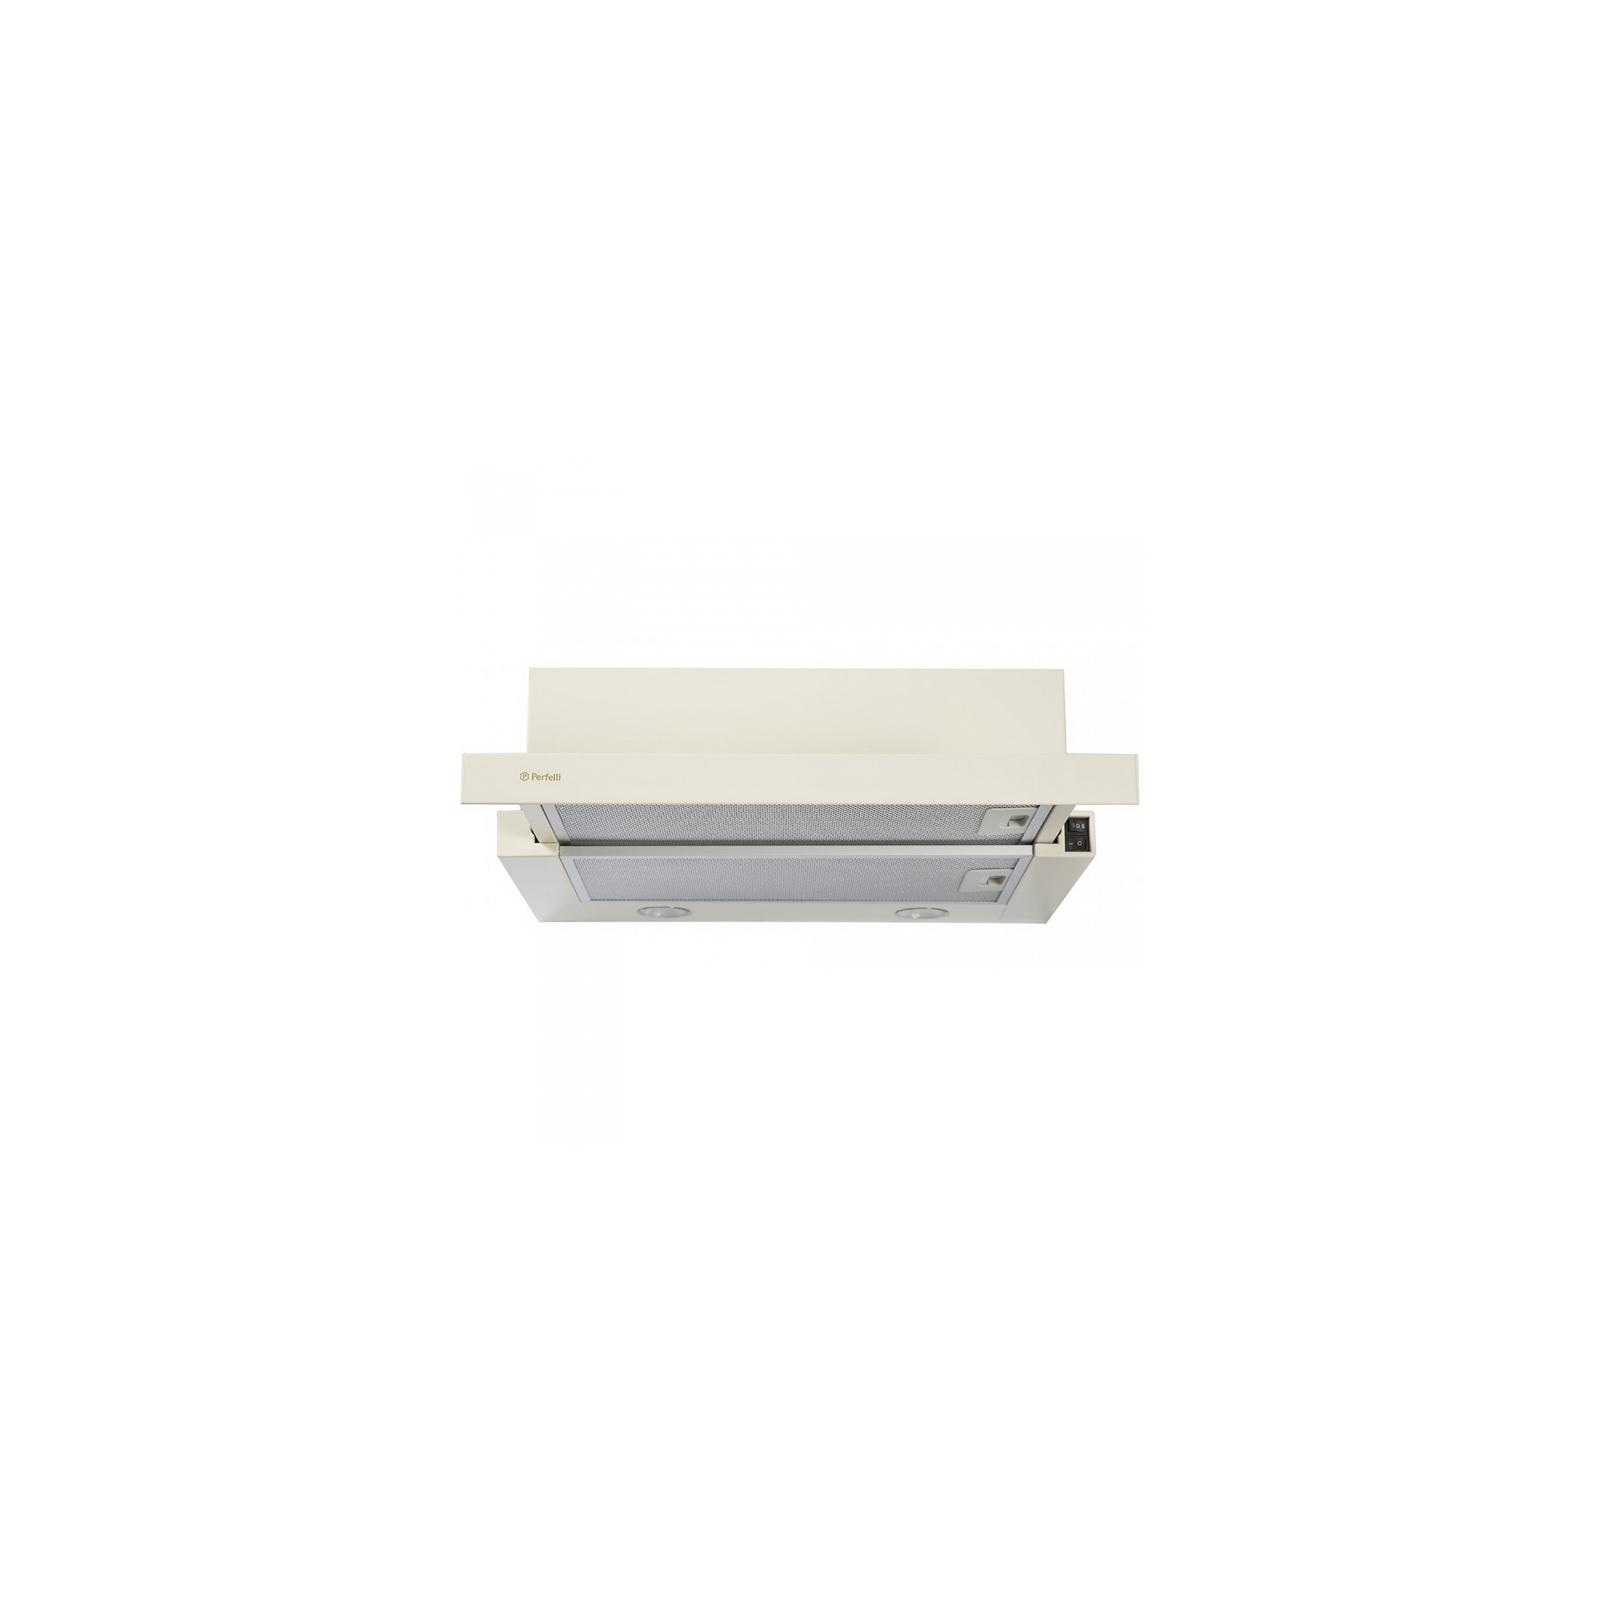 Вытяжка кухонная PERFELLI TL 6612 BL LED